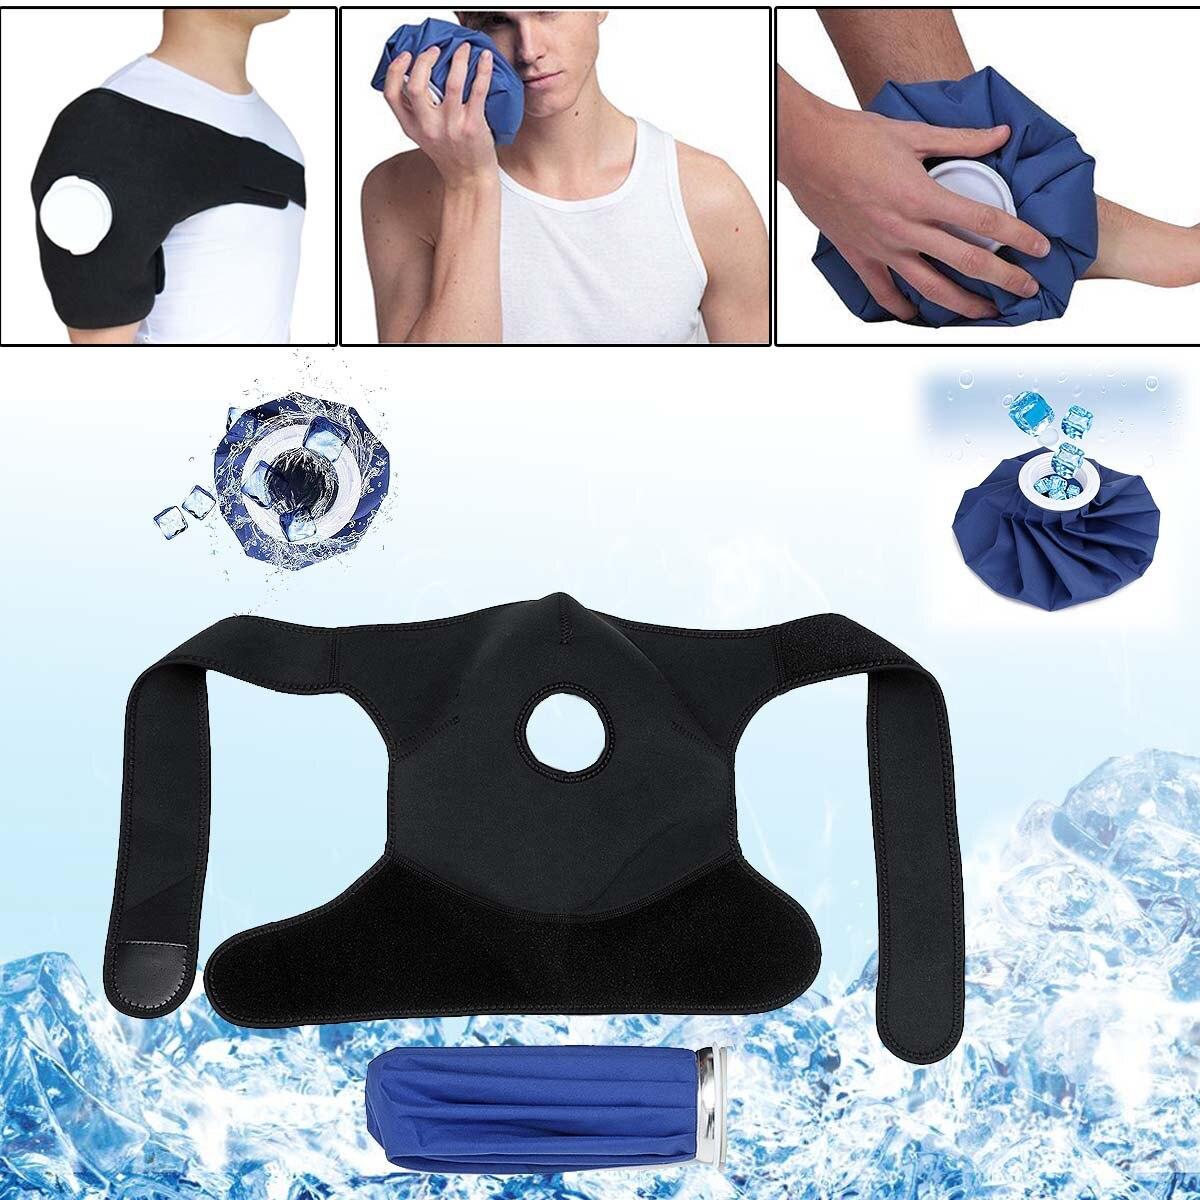 Ice Gel Impacco Caldo Terapia del Freddo Wrap Spalla Lesioni Muscolari Distorsioni Articolari Blu Nero della Fibra del Panno Spalla Rilassante Comprimere